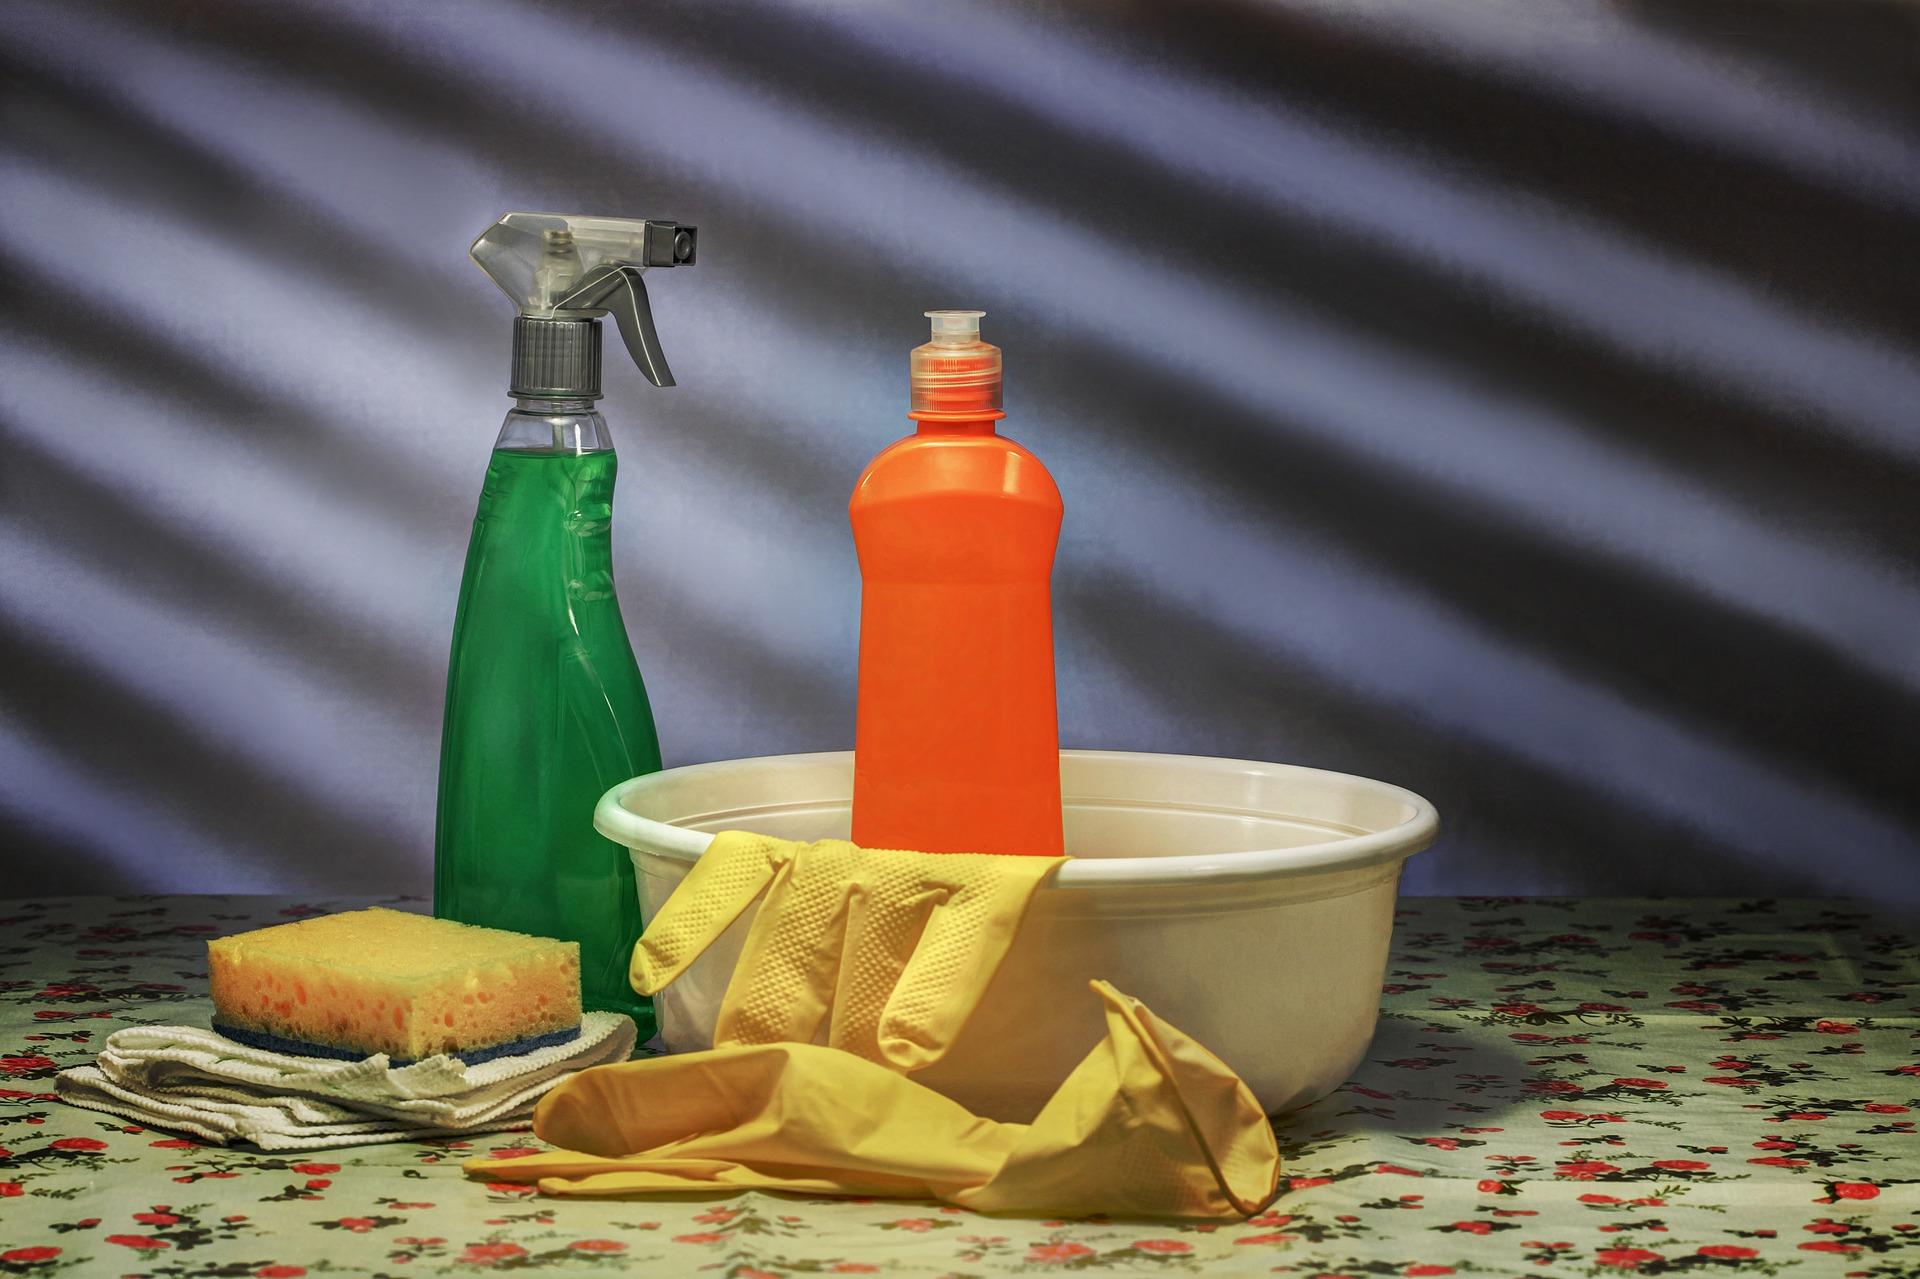 El mejor desinfectante de superficies - Asociación de Consumidores ...